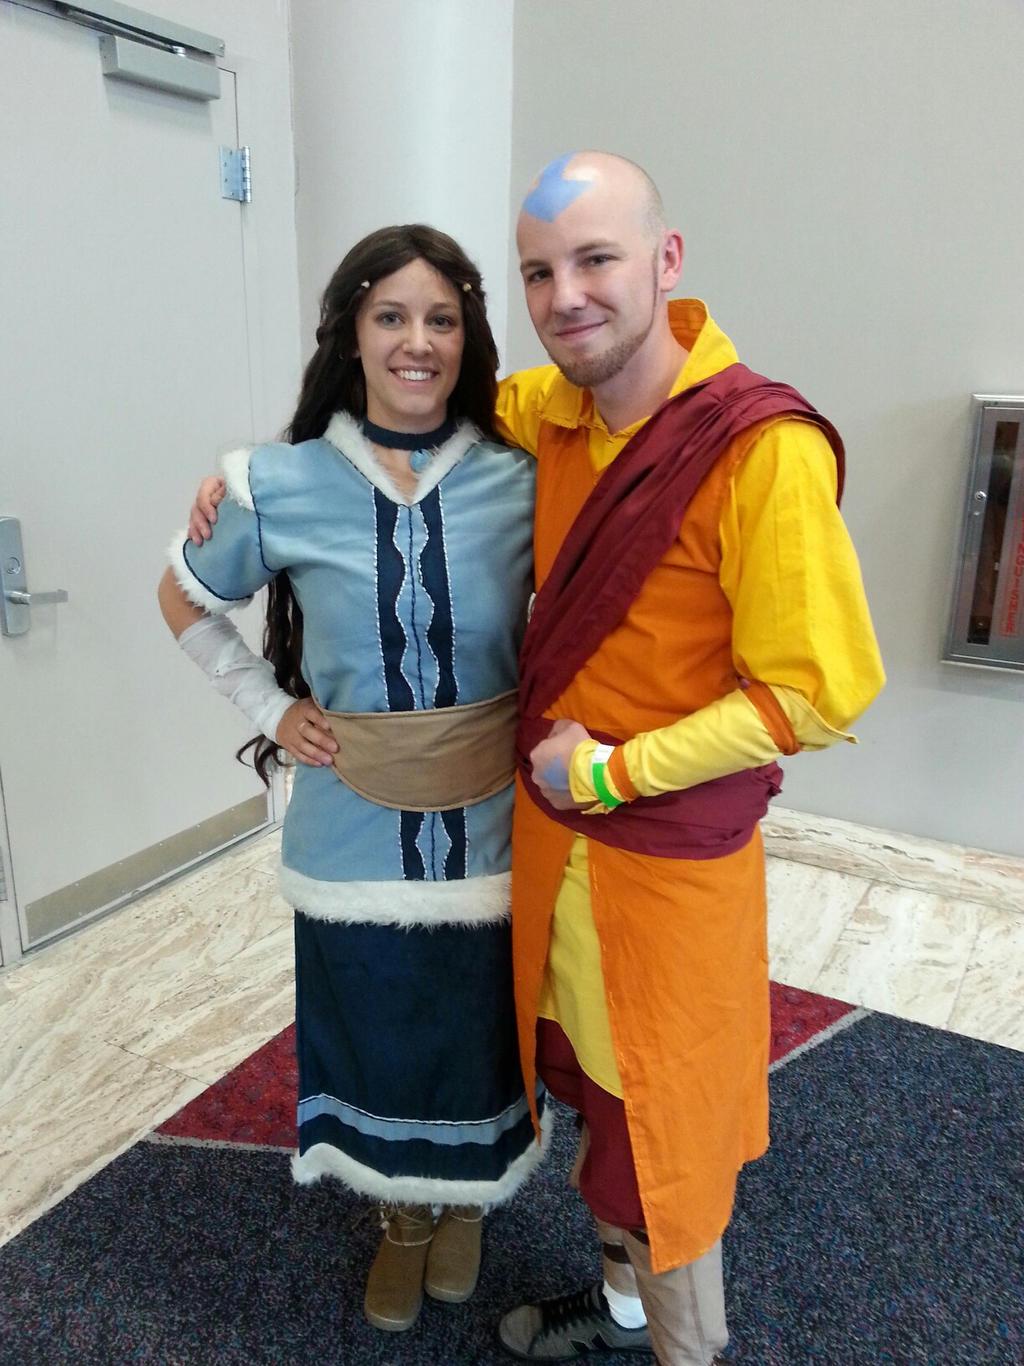 Adult Aang and Katara Cosplay - Old Friends by kateknitsalot on ...: kateknitsalot.deviantart.com/art/Adult-Aang-and-Katara-Cosplay-Old...